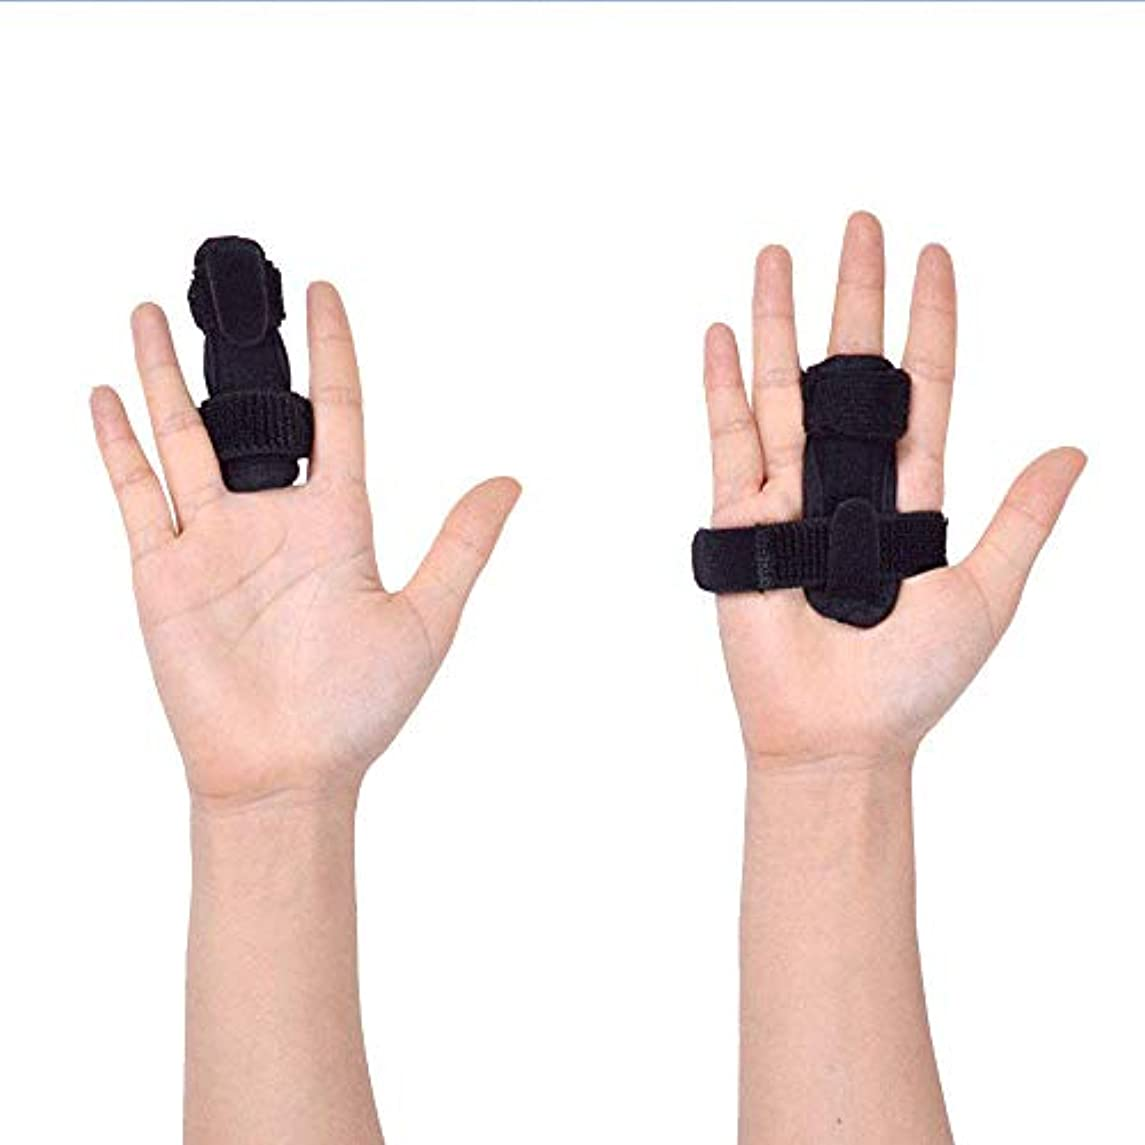 脊椎応用ミス指サポーター ばね指サポーター バネ指 腱鞘炎 指保護 固定